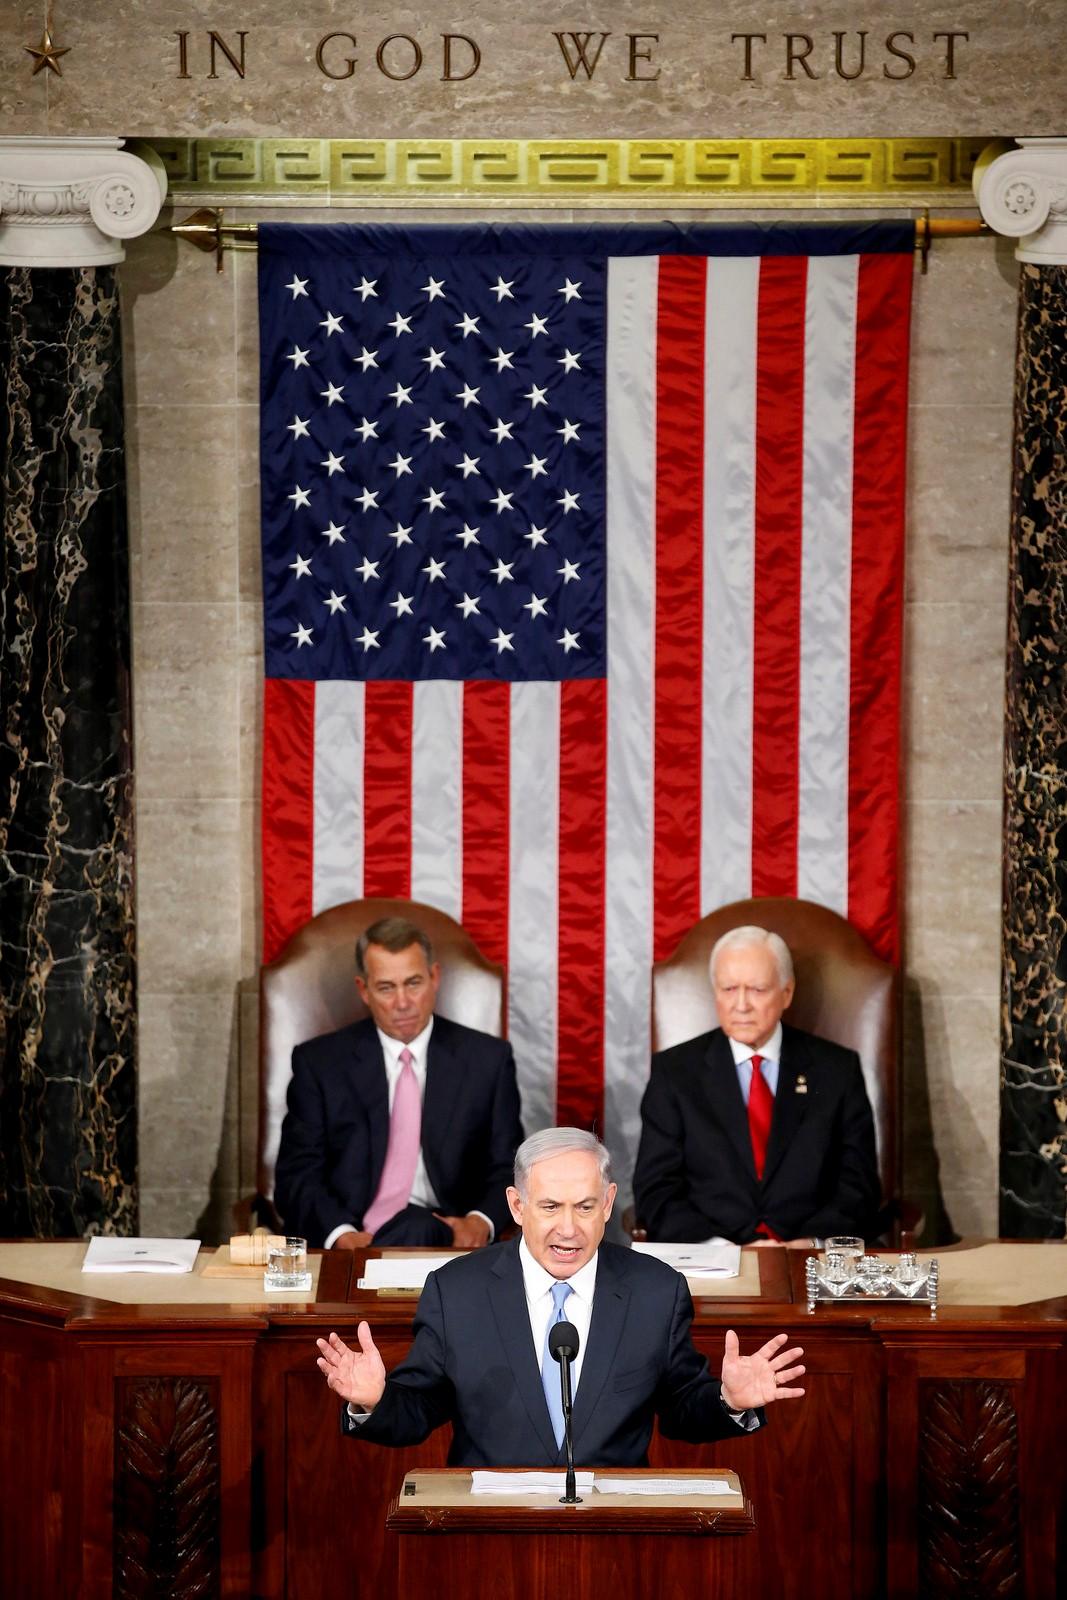 Laut Umfrage sind 37% der US-Bürger der Überzeugung, Israel übe zu viel Einfluss auf die US-Politik aus